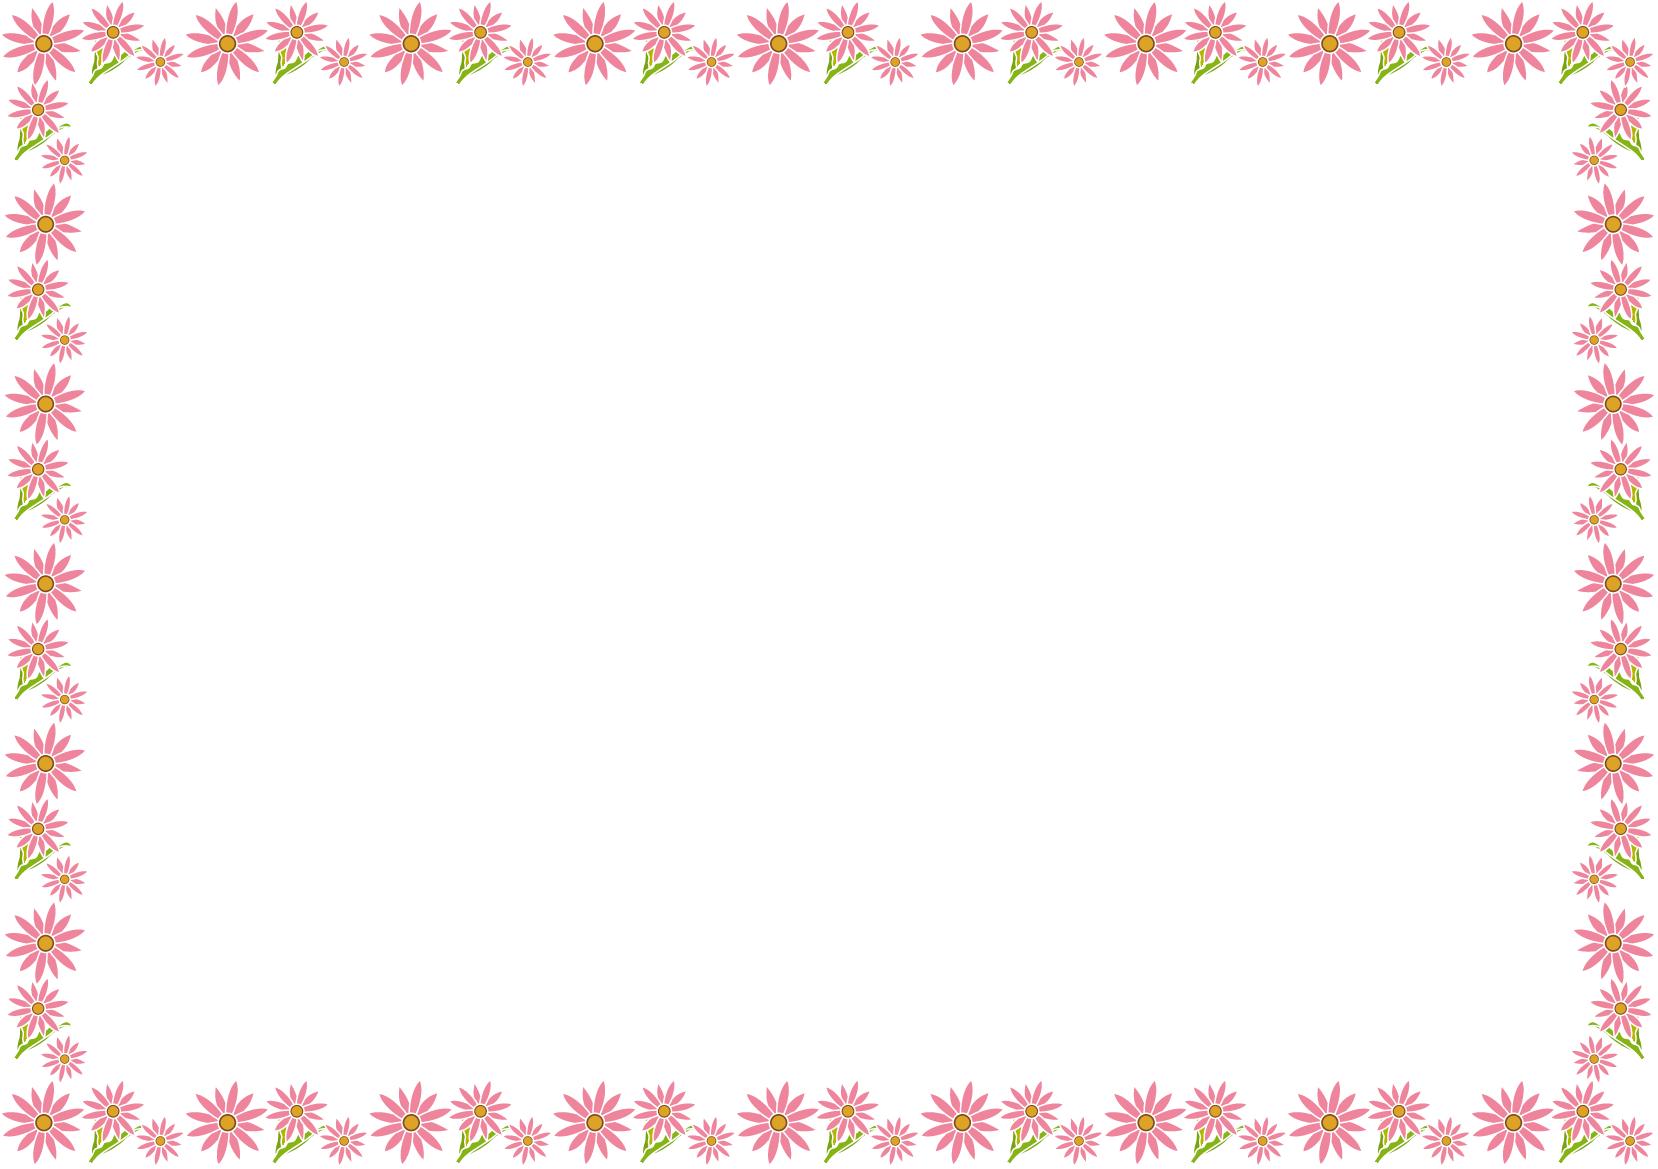 春の花の飾り枠01 アークトーチスイラスト 花の飾り 飾り枠 花 イラスト